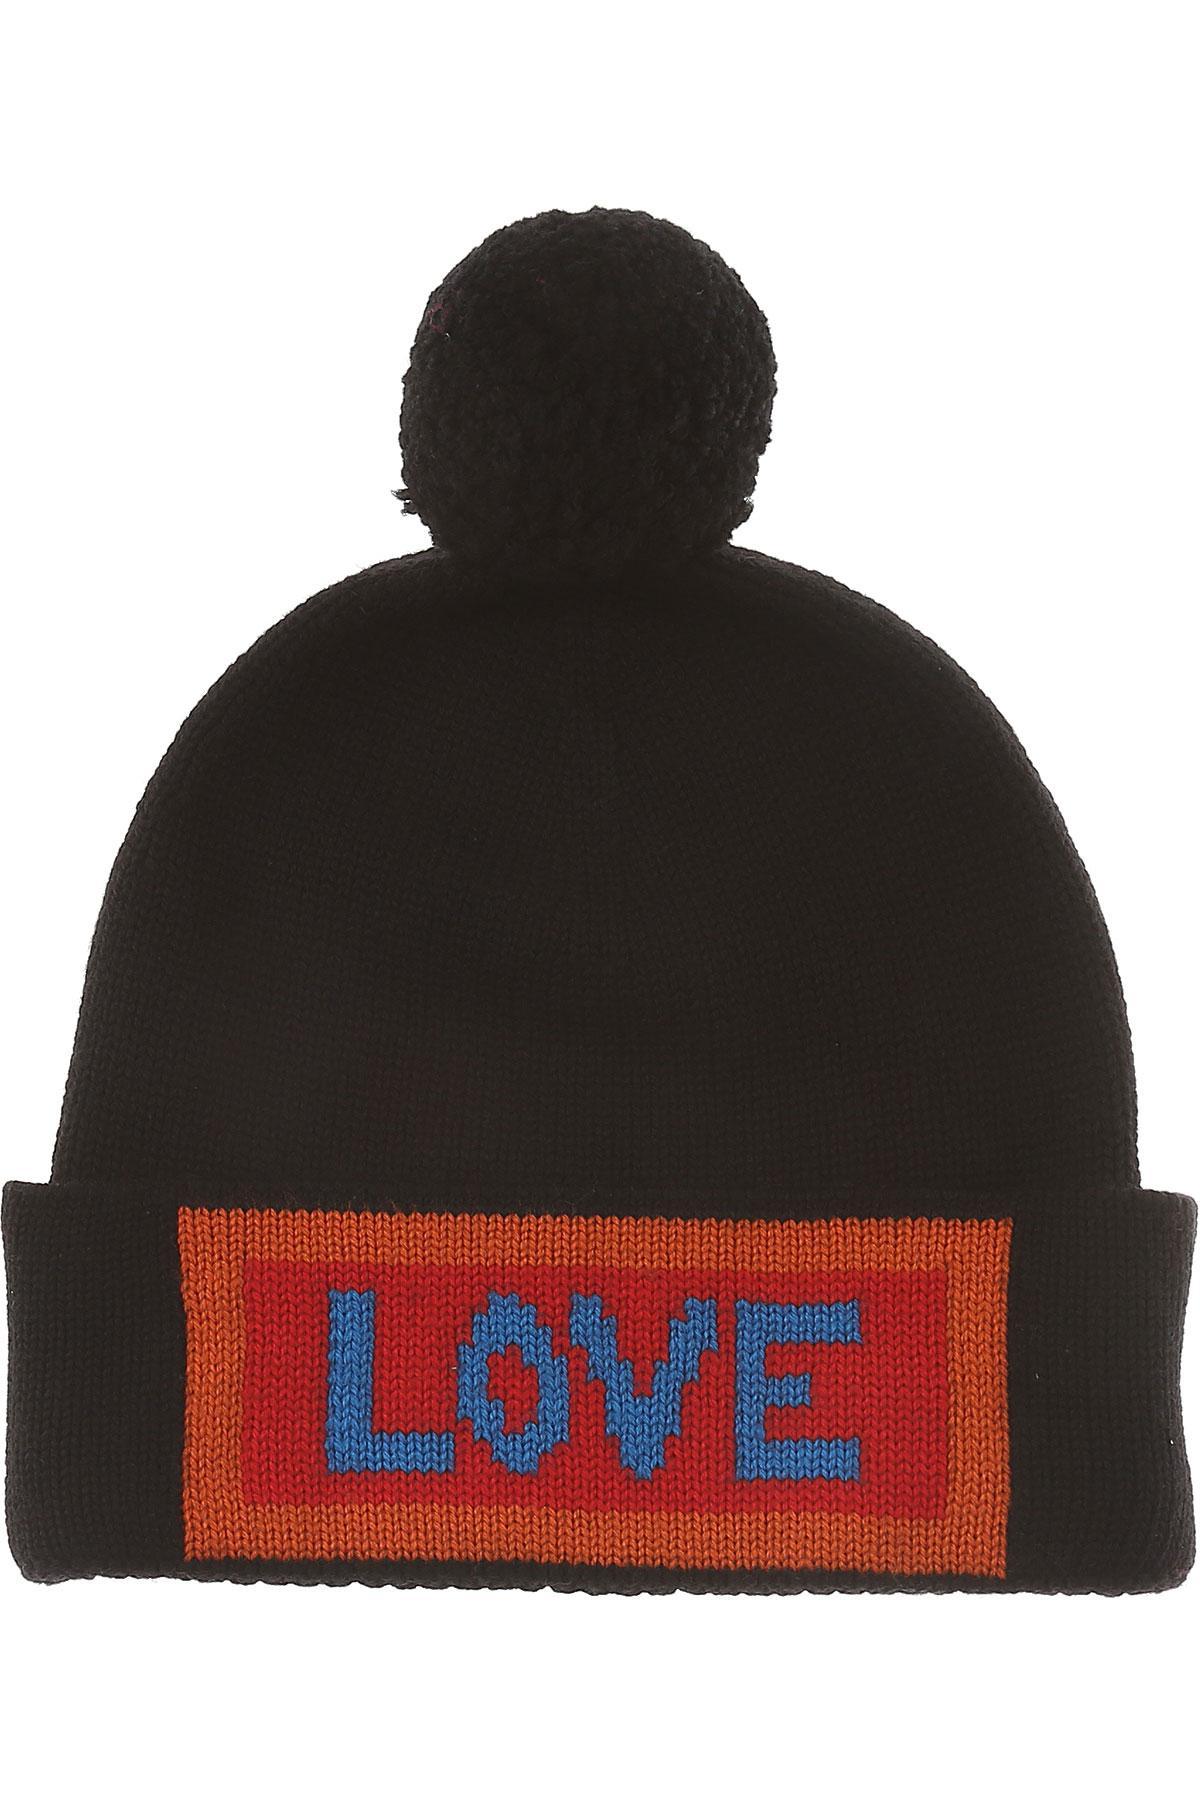 f9843e88b20 Lyst - Fendi Clothing For Men in Black for Men